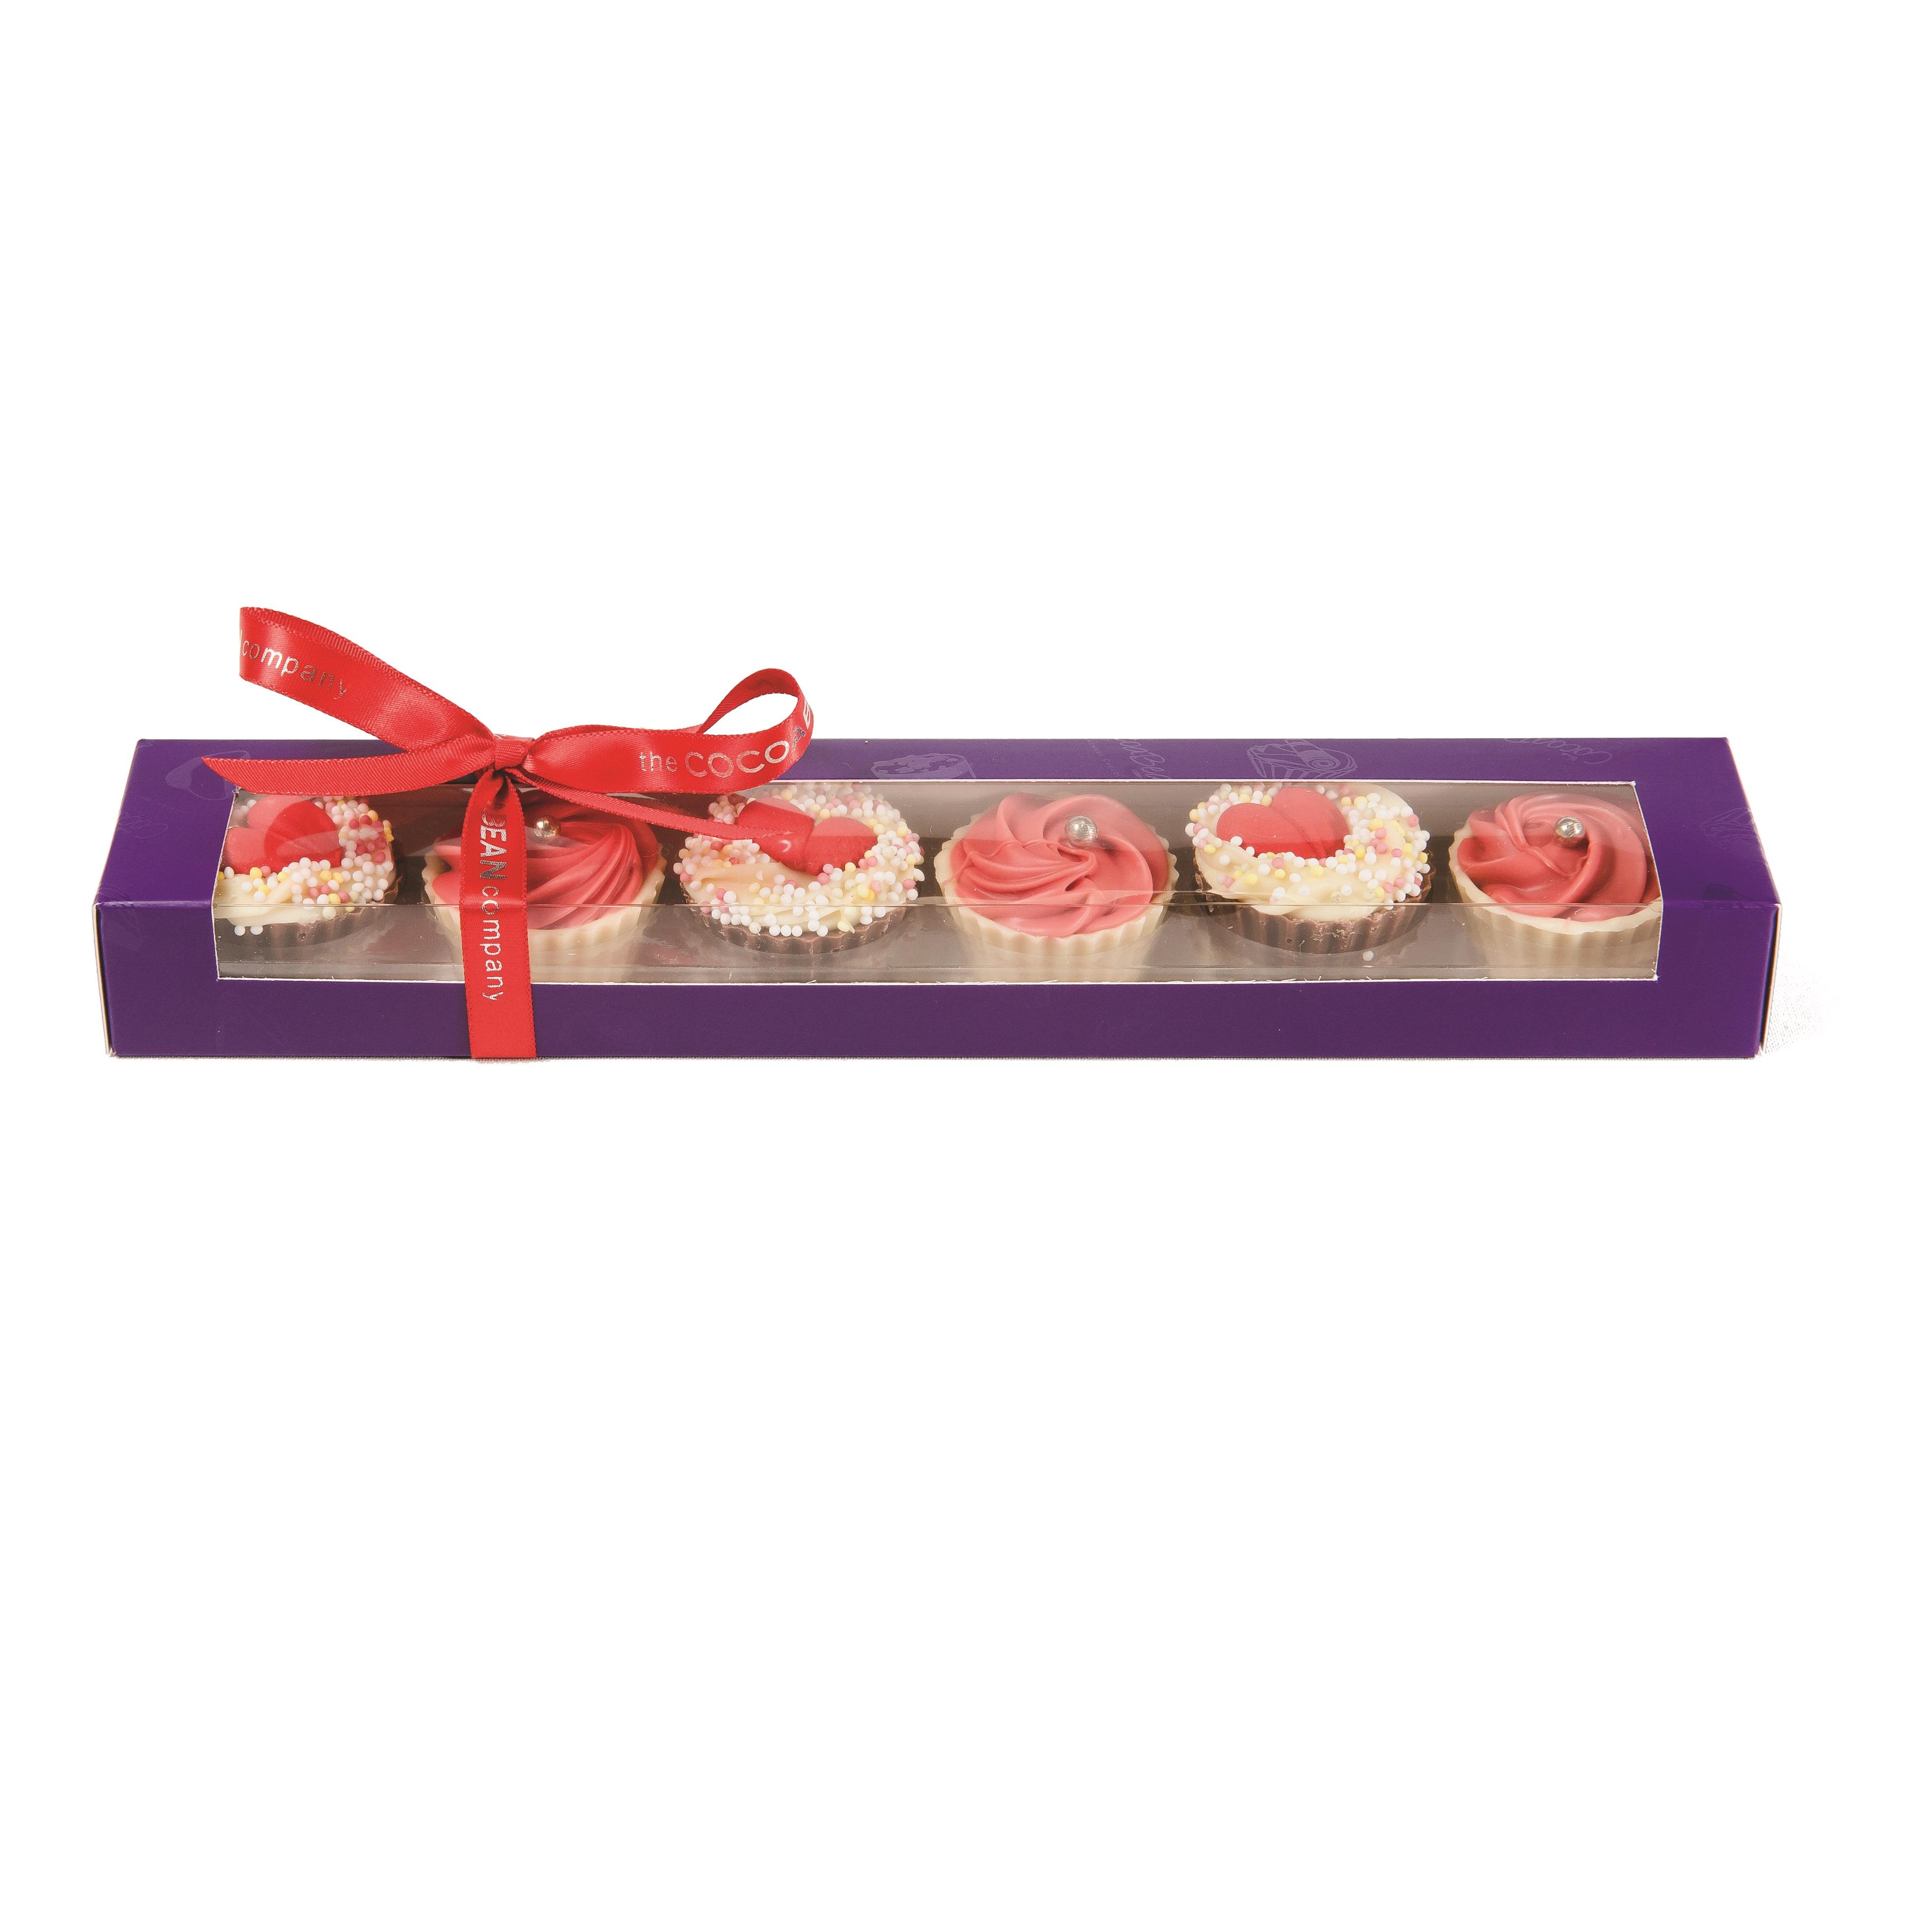 Cosmopolitan & Pimms Cupcakes